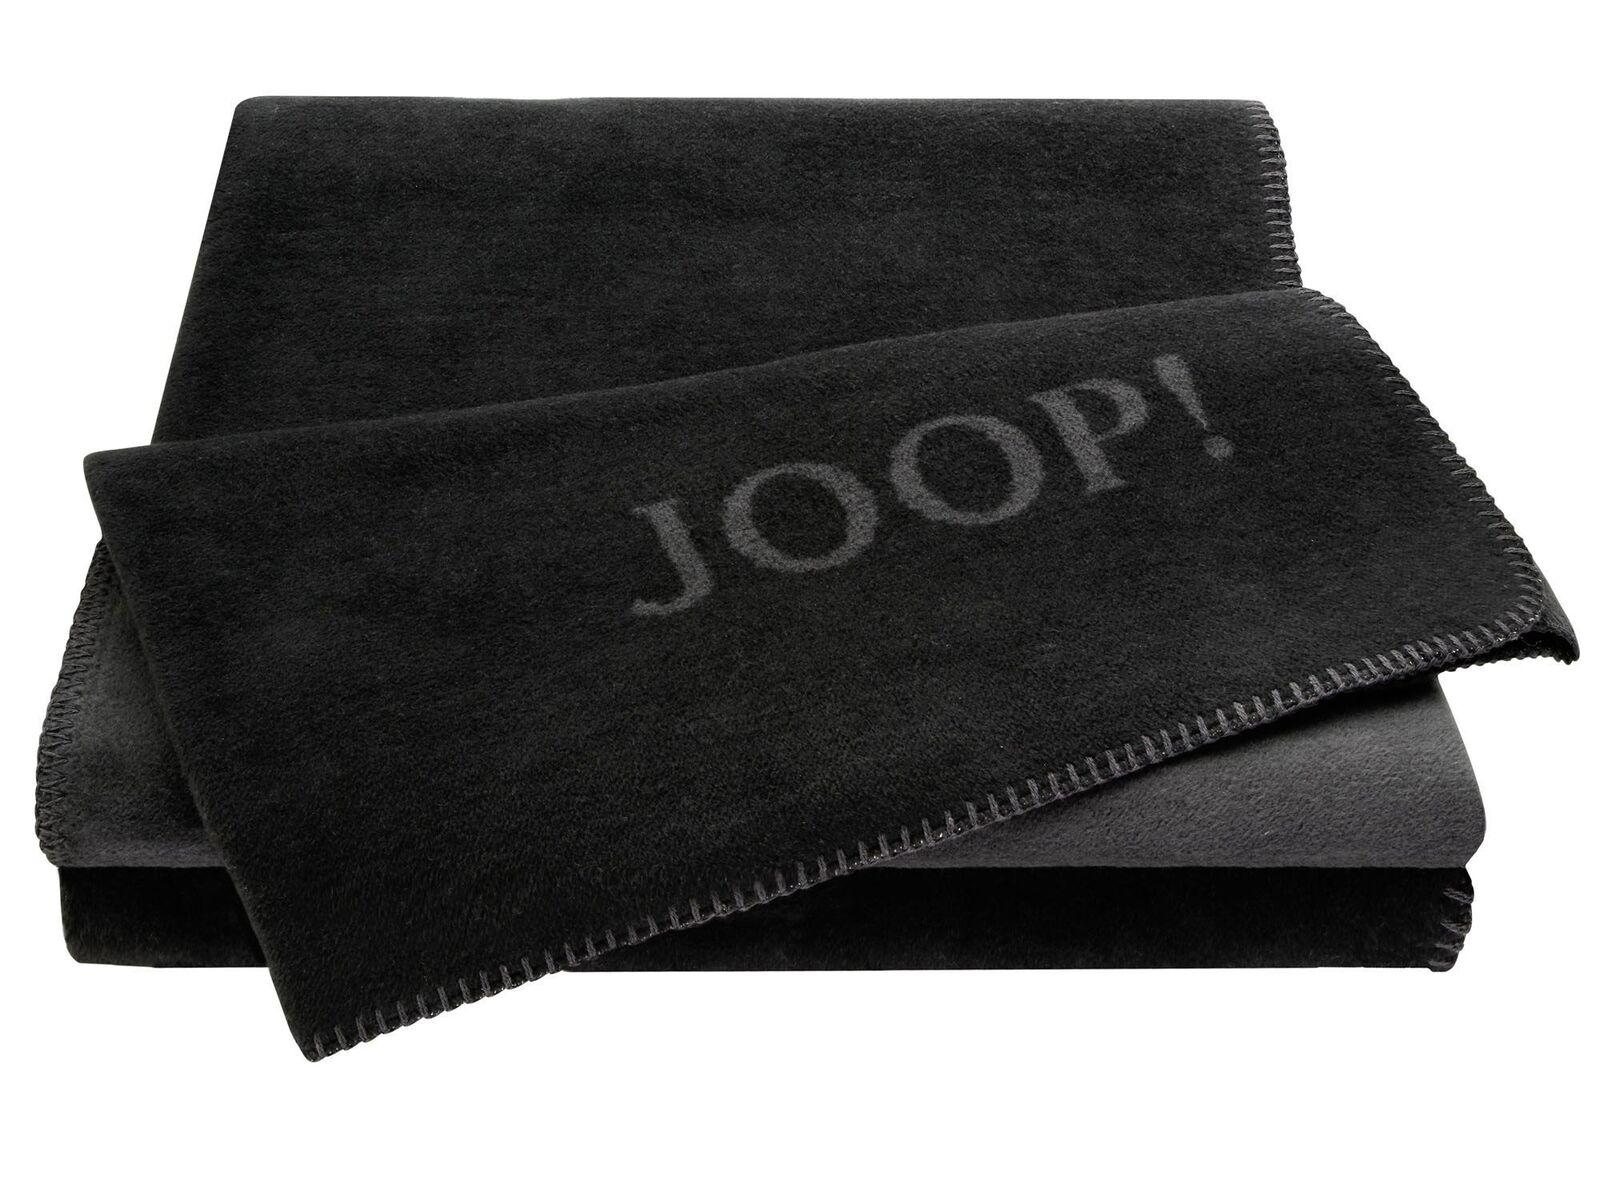 JOOP!-Wohndecke schwarz-anthrazit